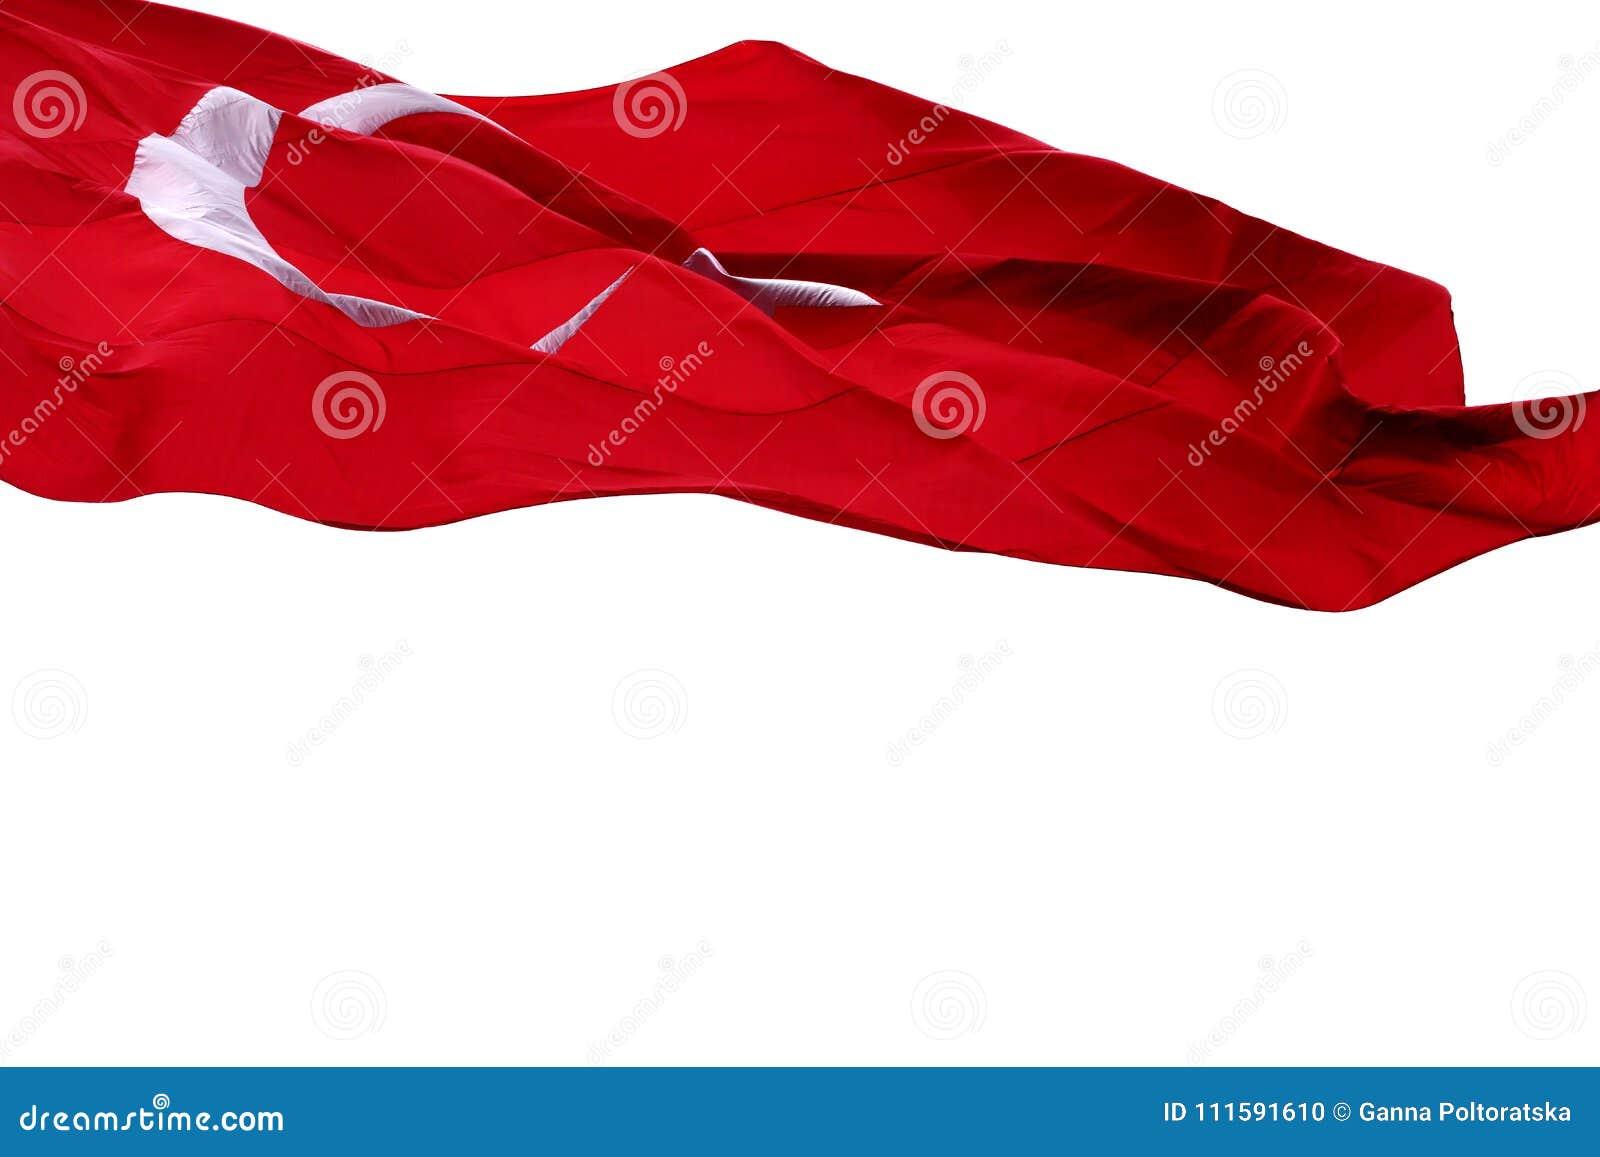 Waving on wind flag of Turkey